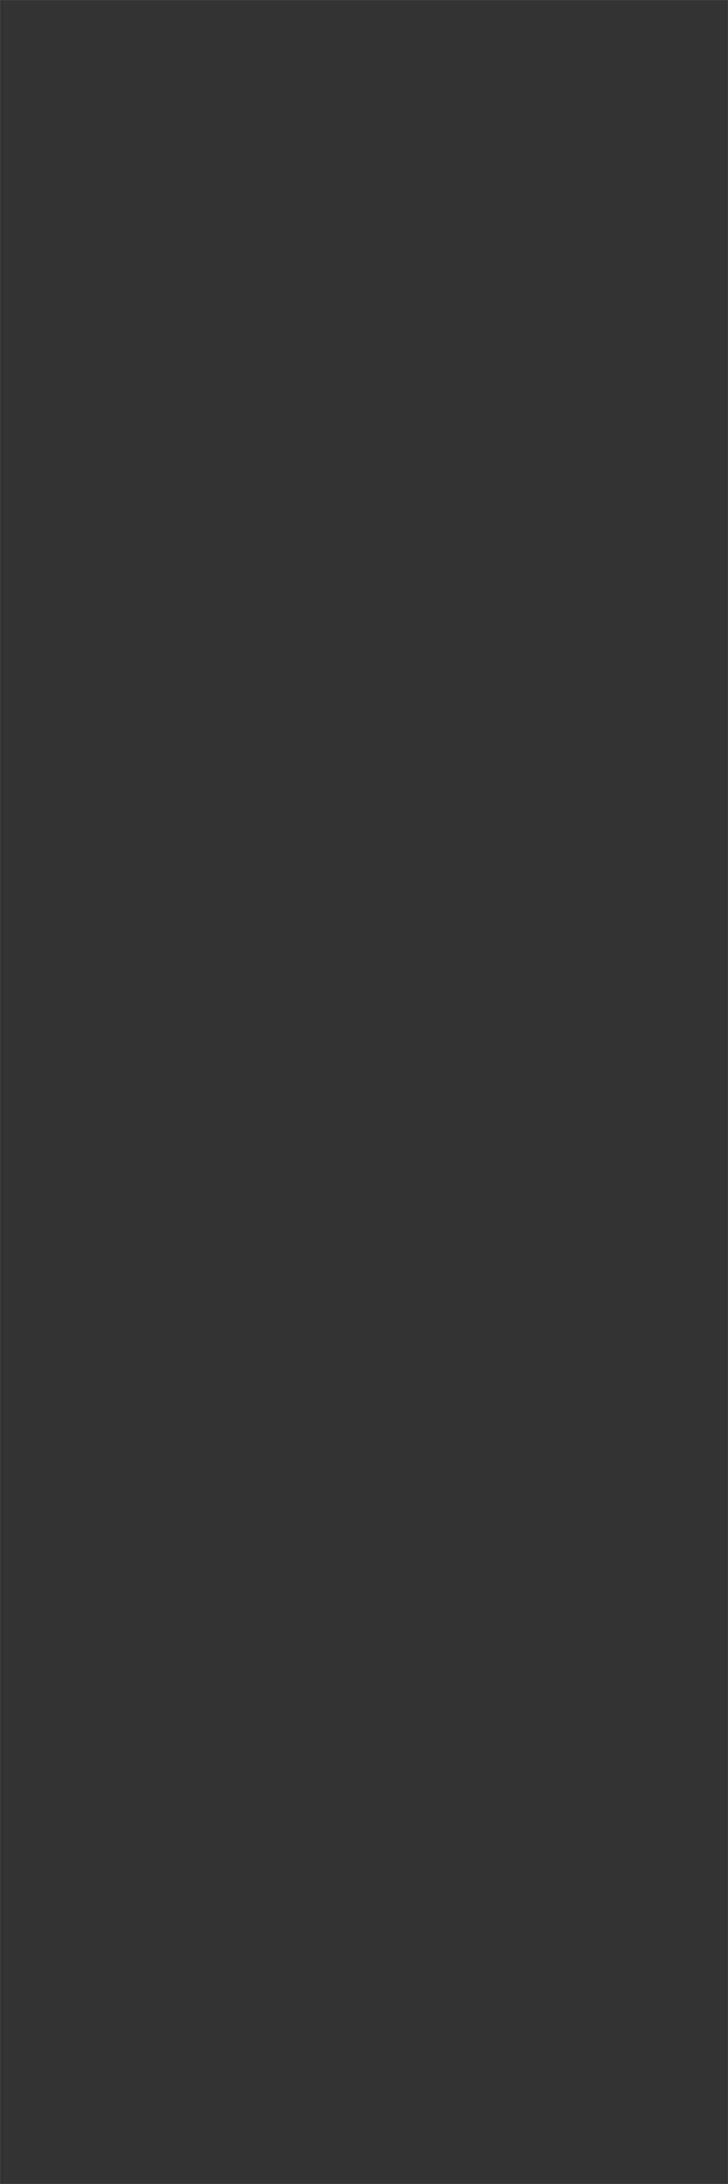 Medium Size of Ikea Kungsbacka Tr Kchenfront 60x180cm Anthrazit 30357545 Küche Fenster Wohnzimmer Kungsbacka Anthrazit